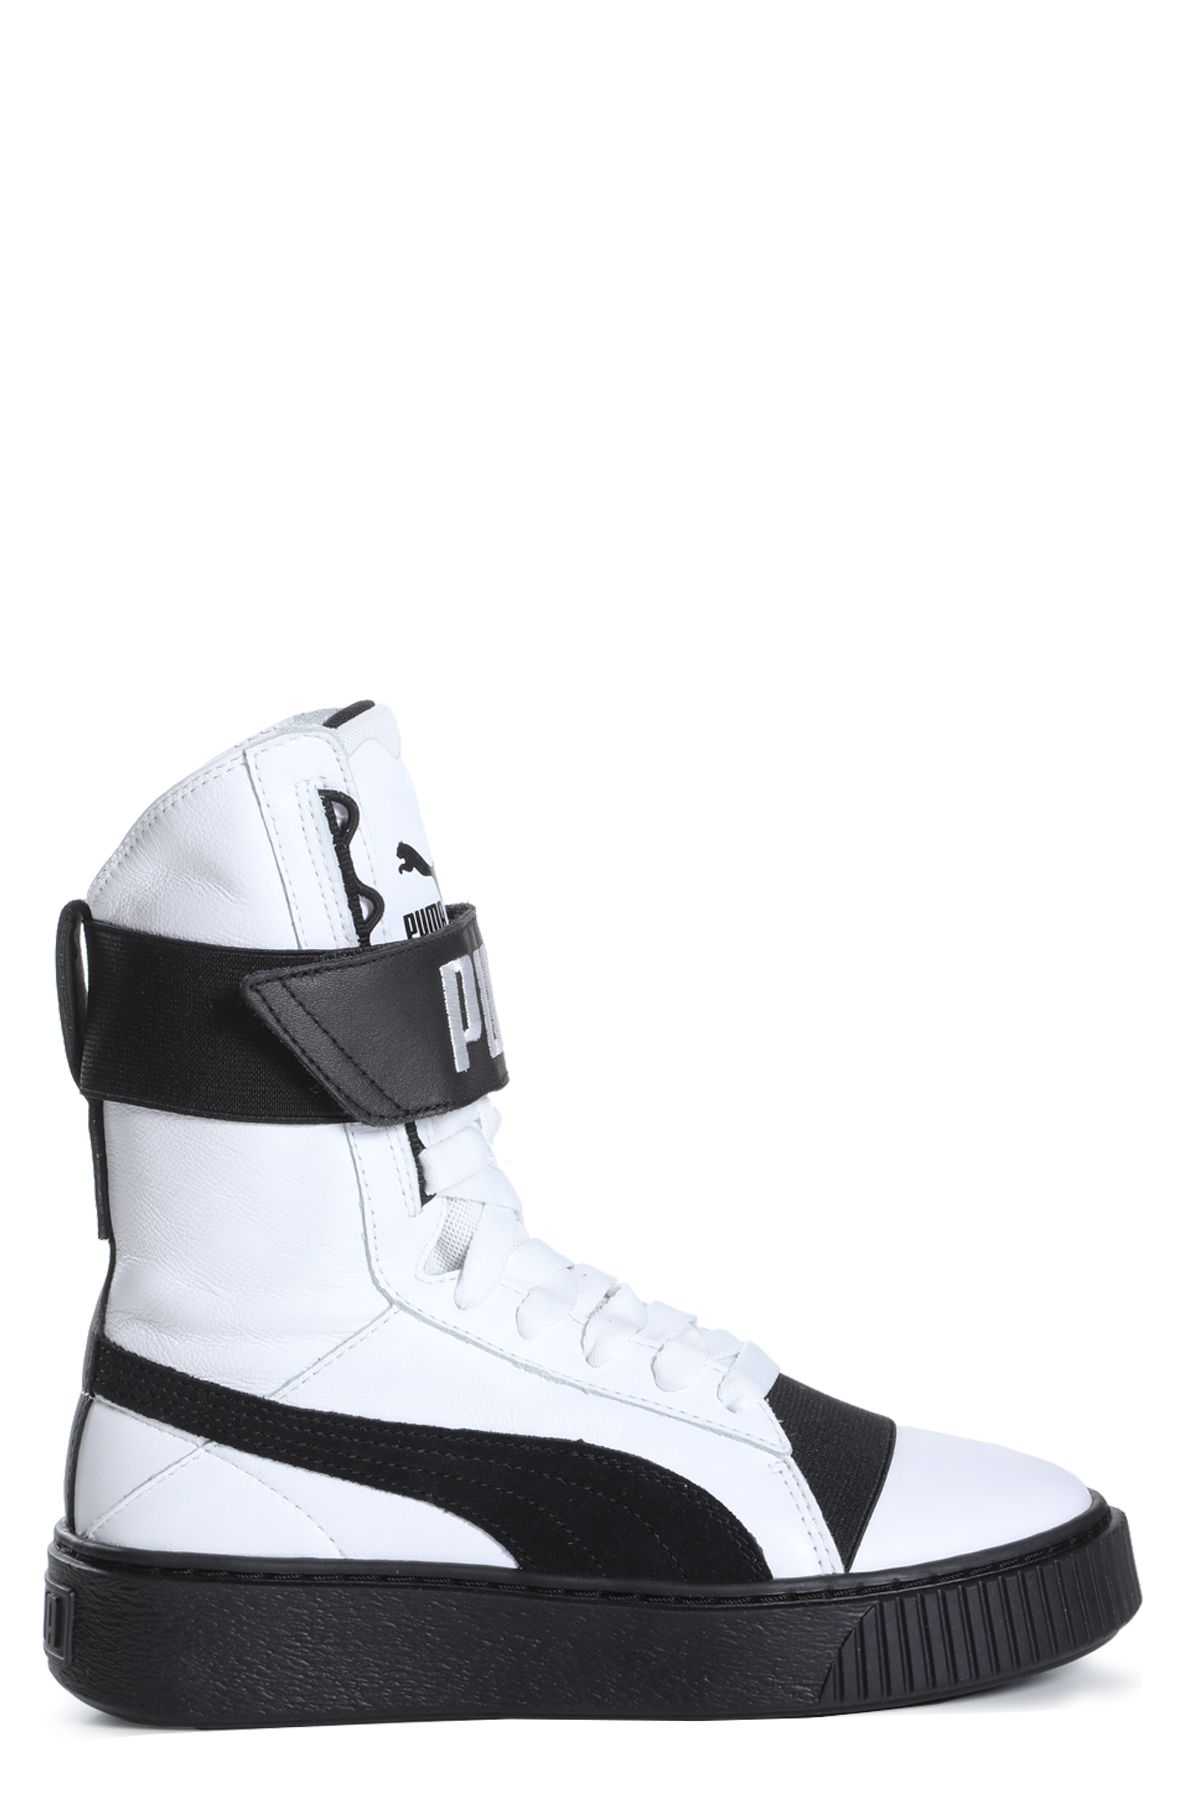 364089 Puma Platform Boot